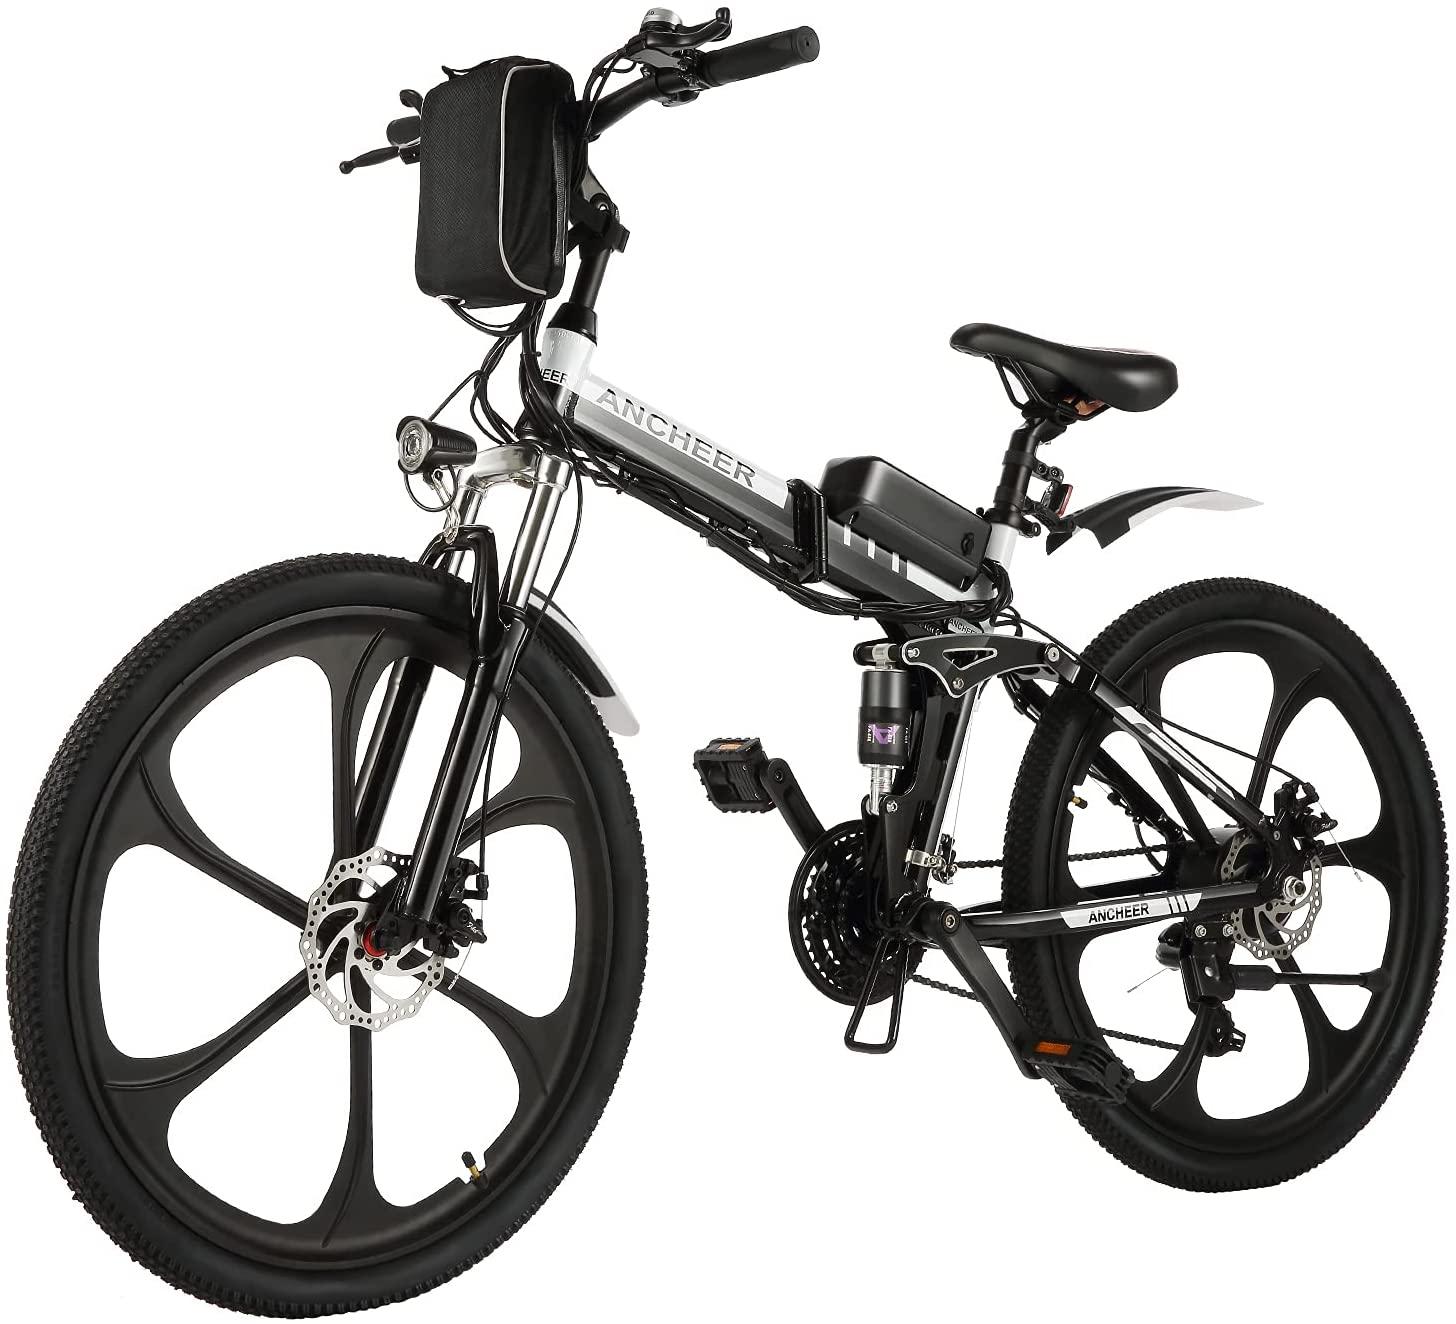 ANCHEER Folding Electric Commuting/Mountain Bike